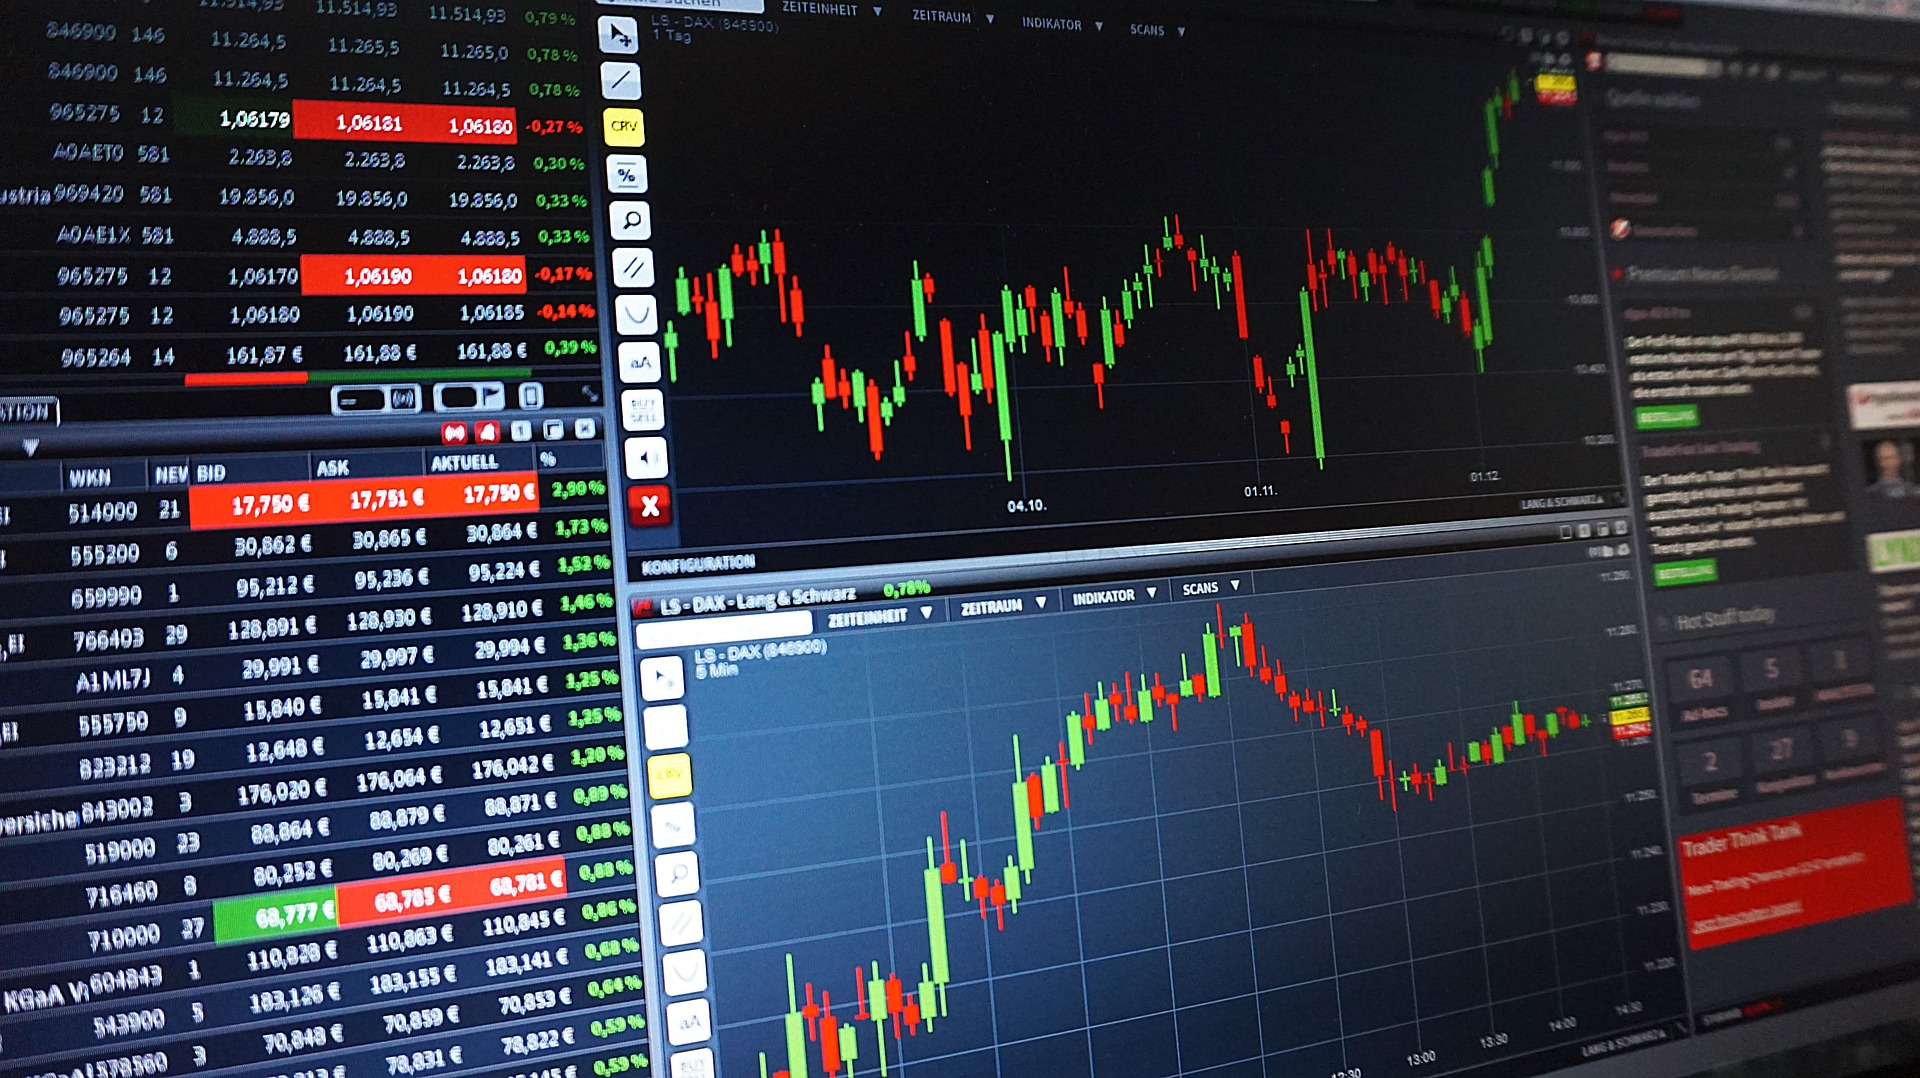 reakcje na światowych giełdach